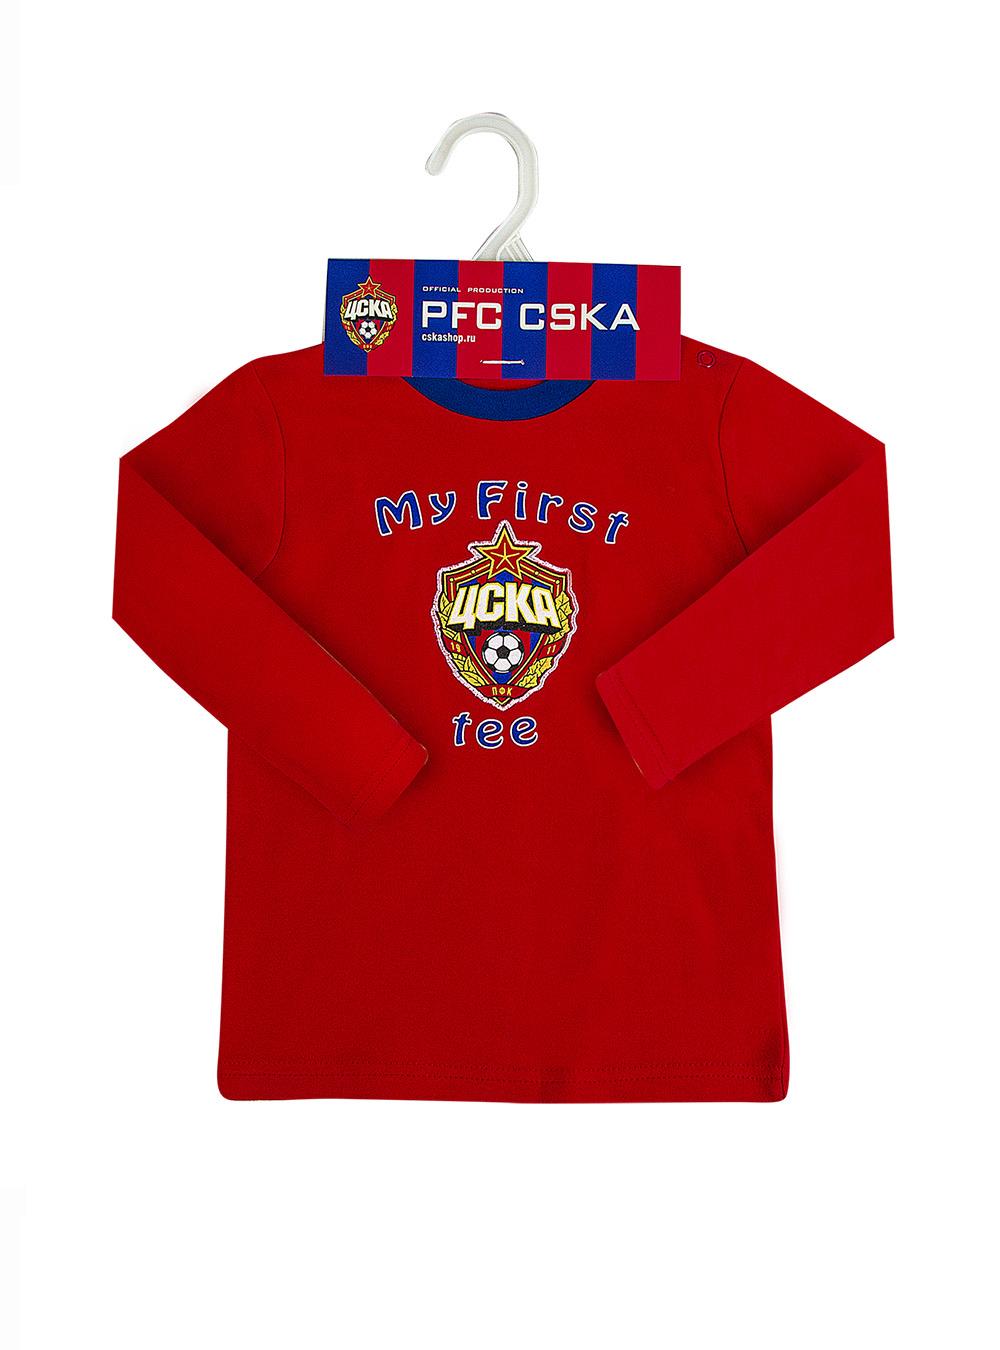 Футболка с длинным рукавом, цвет красный (62 (0-3 мес.))Для самых маленьких<br>Футболка с длинным рукавом, цвет красный<br>